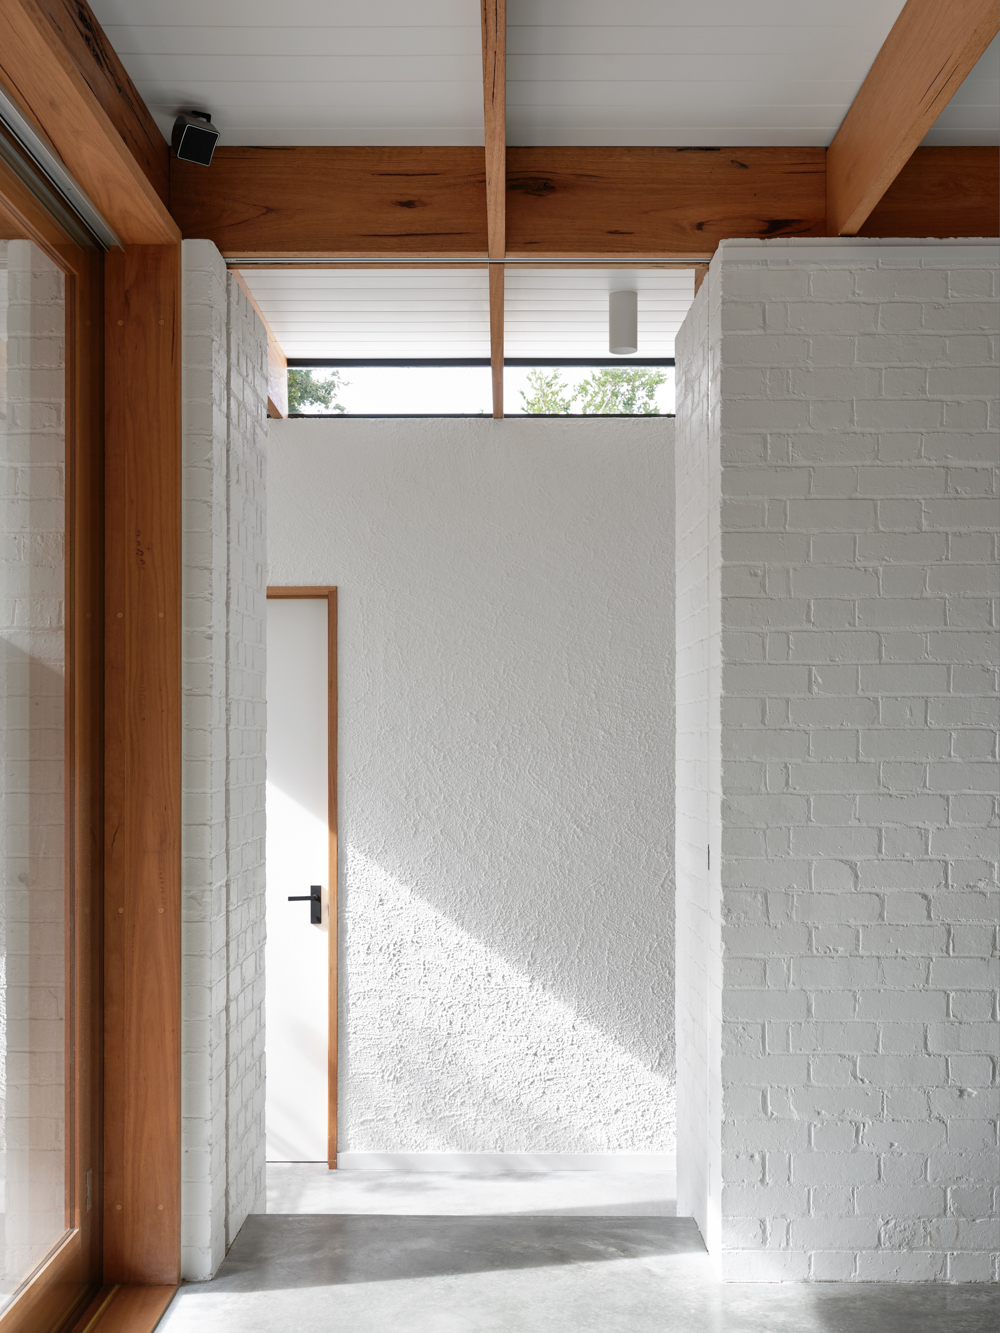 glen-iris-pleysier-perkins-architecture-the-design-emotive-01.jpg